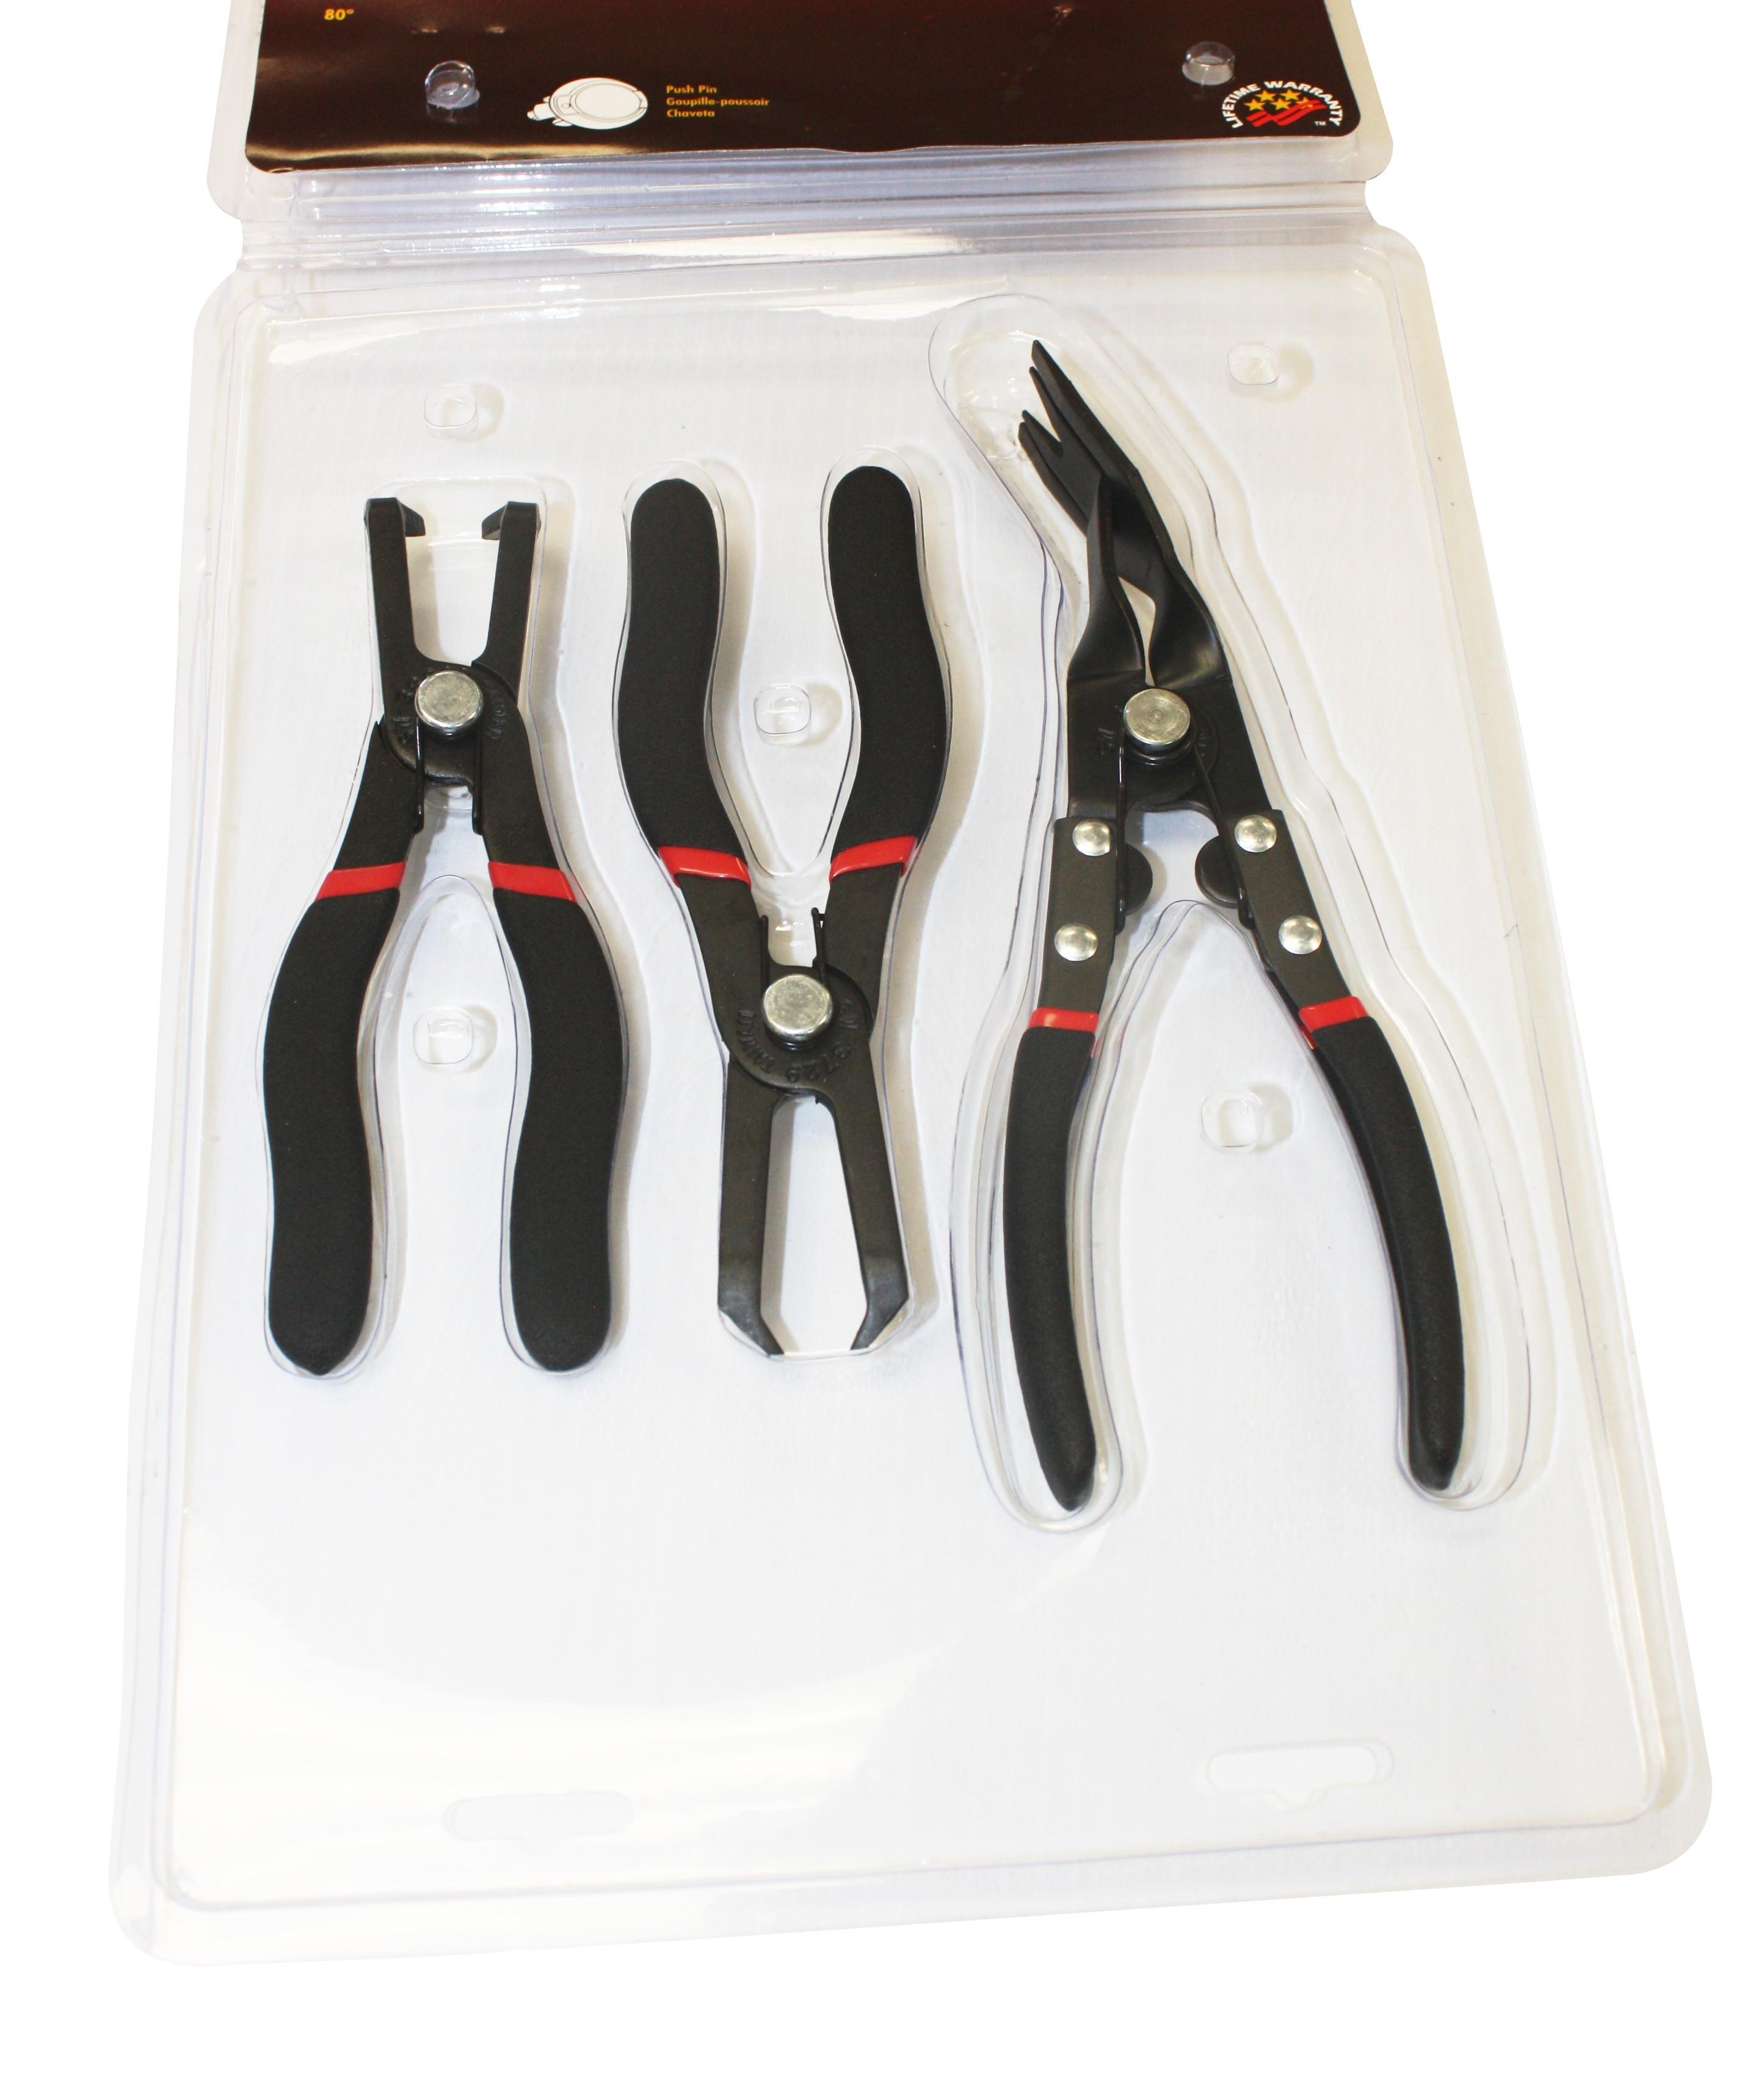 Body Clip Pliers 3 Piece Kit